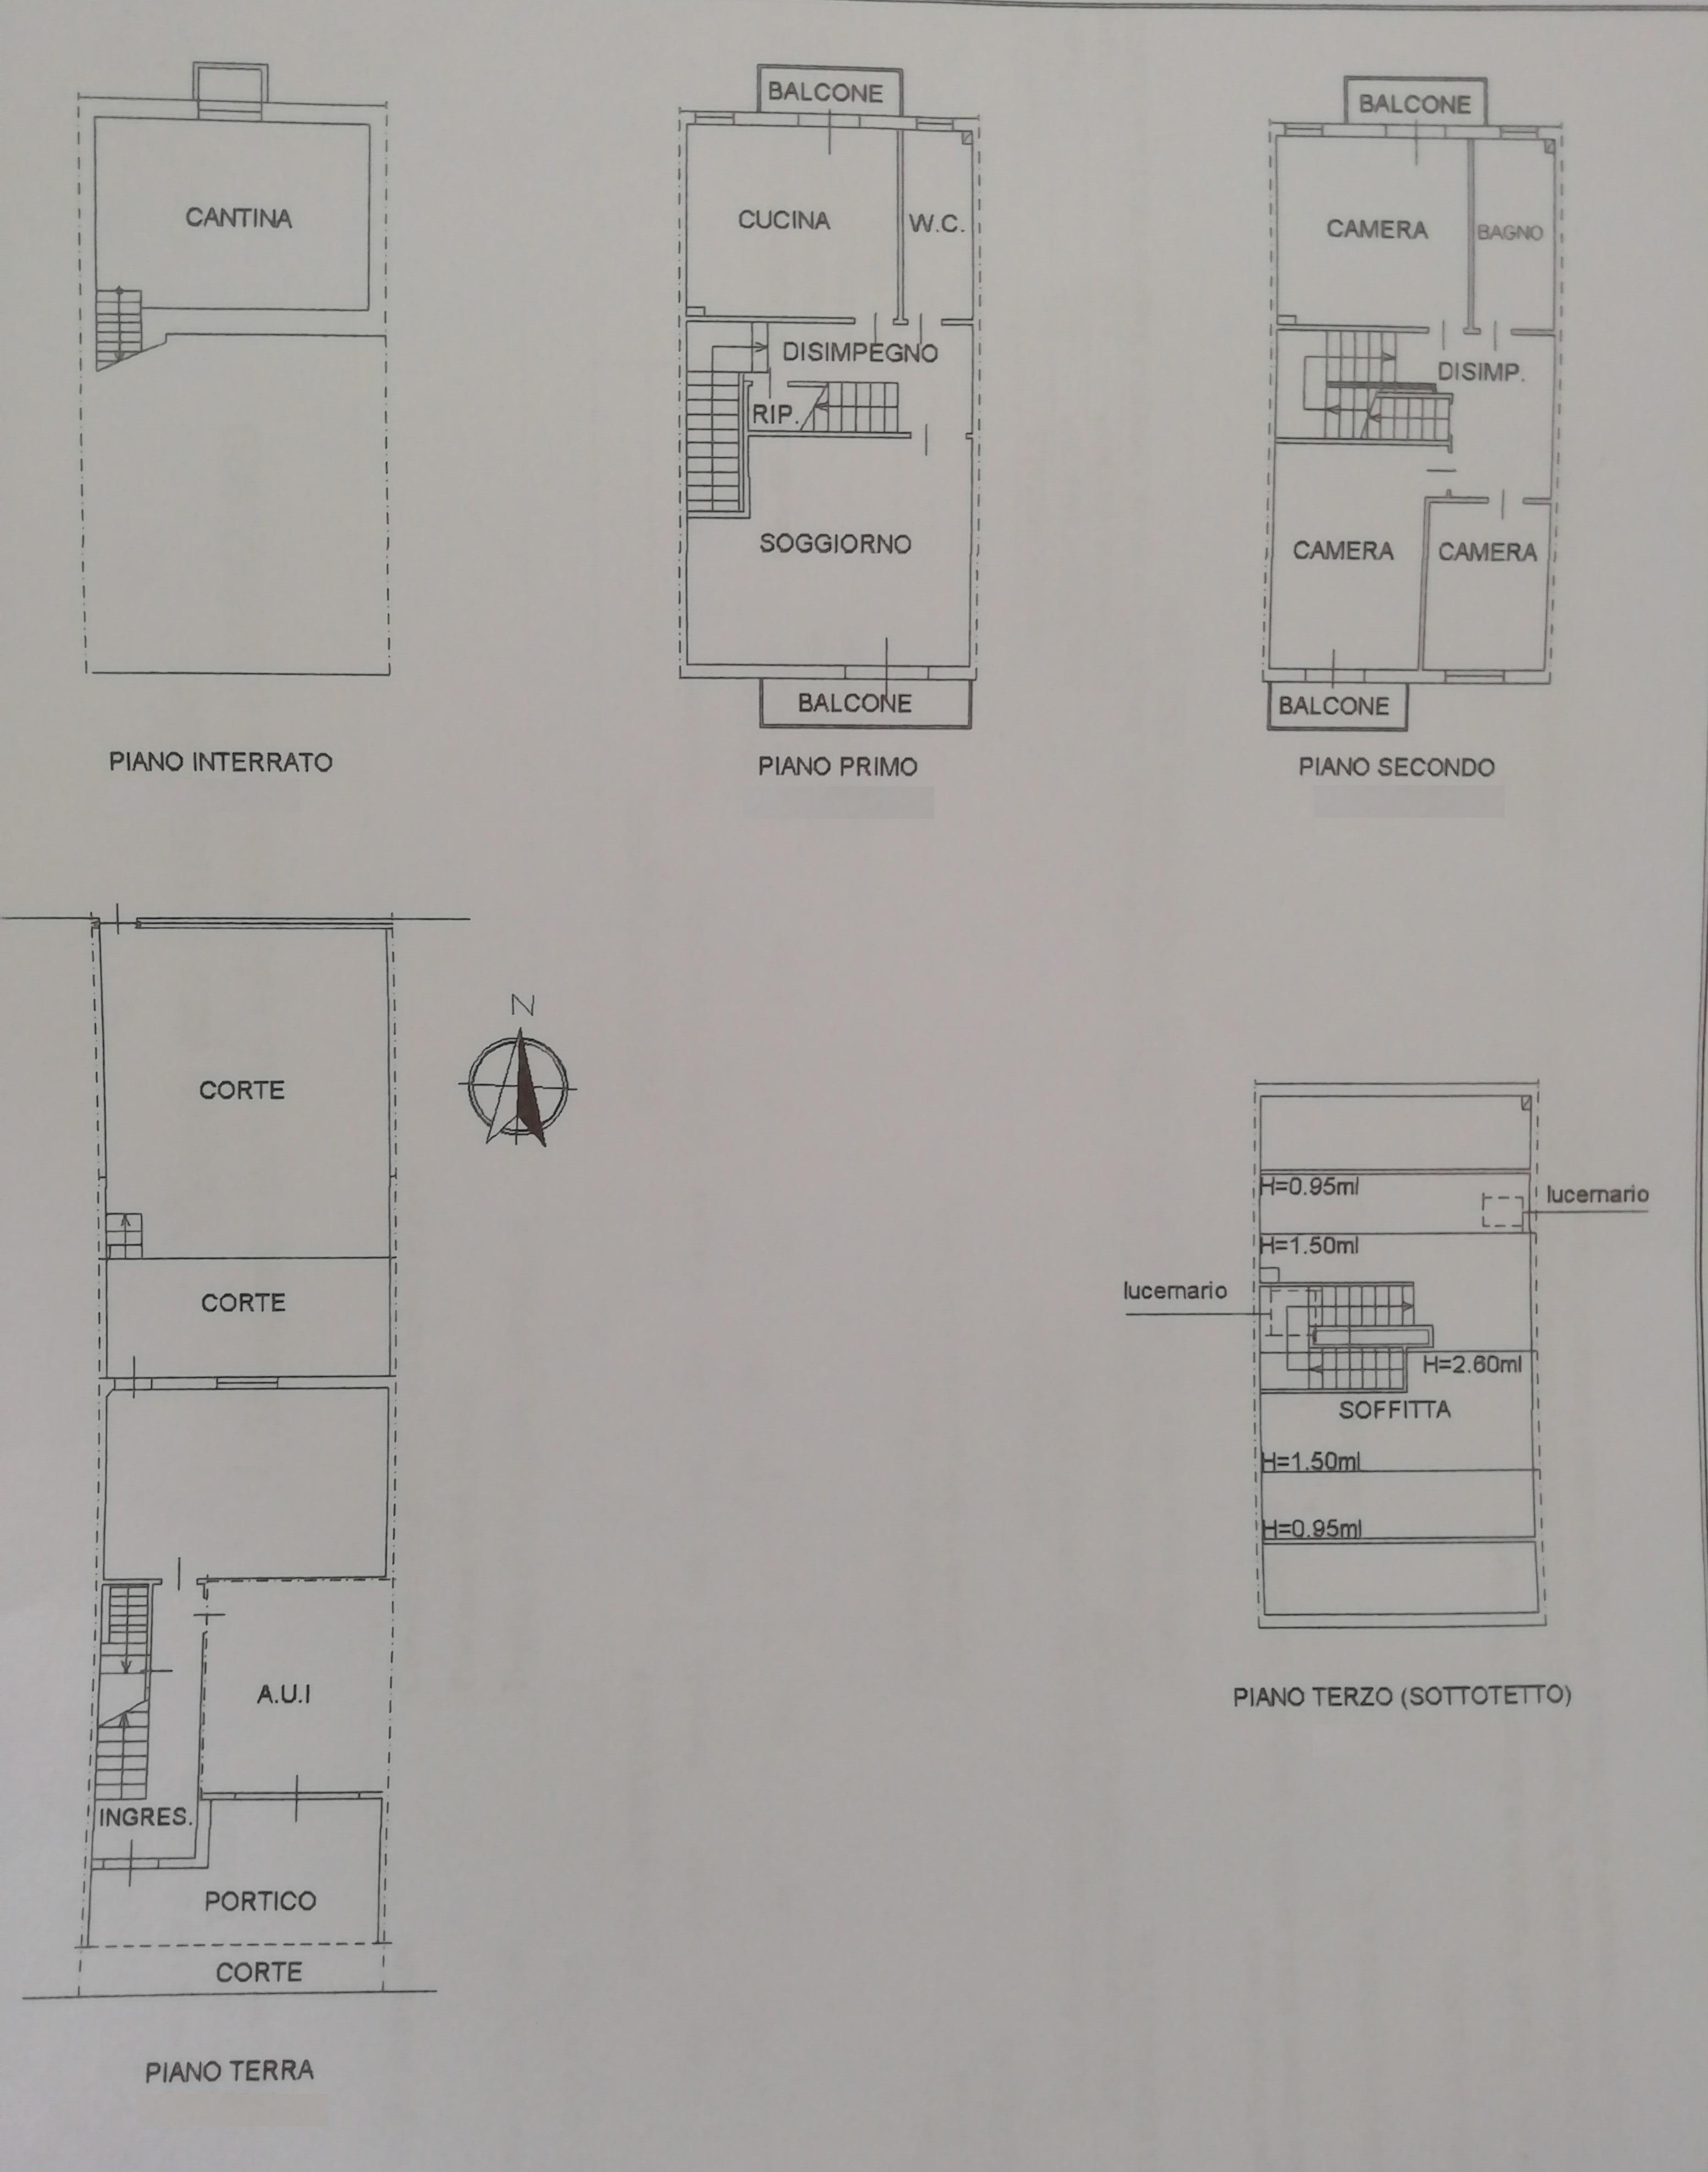 SANTA GIUSTINA, Villetta a schiera anni 80, in ottime condizioni, disposta su 3 livelli